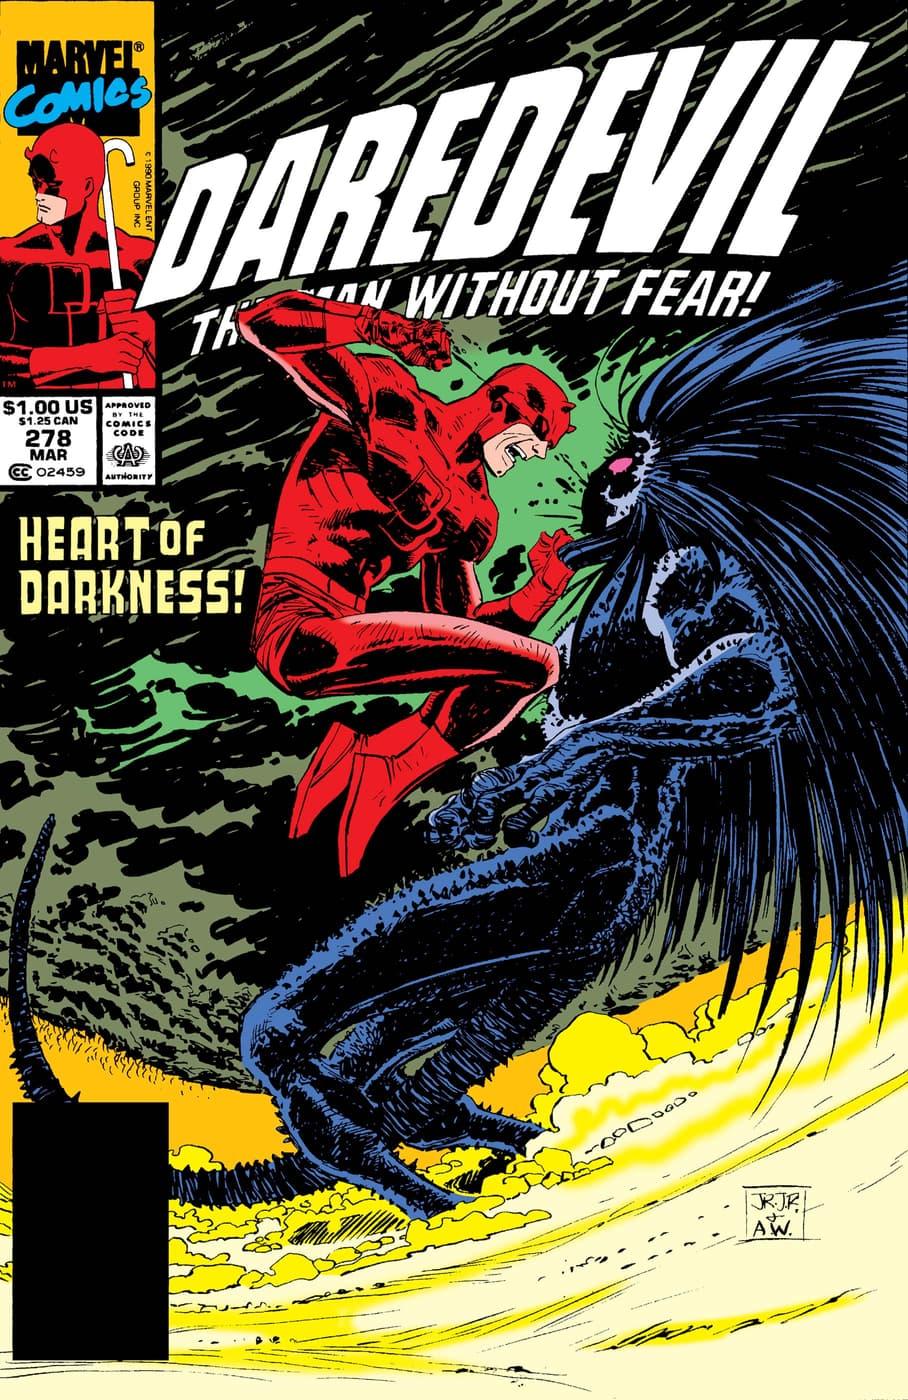 Daredevil and Blackheart